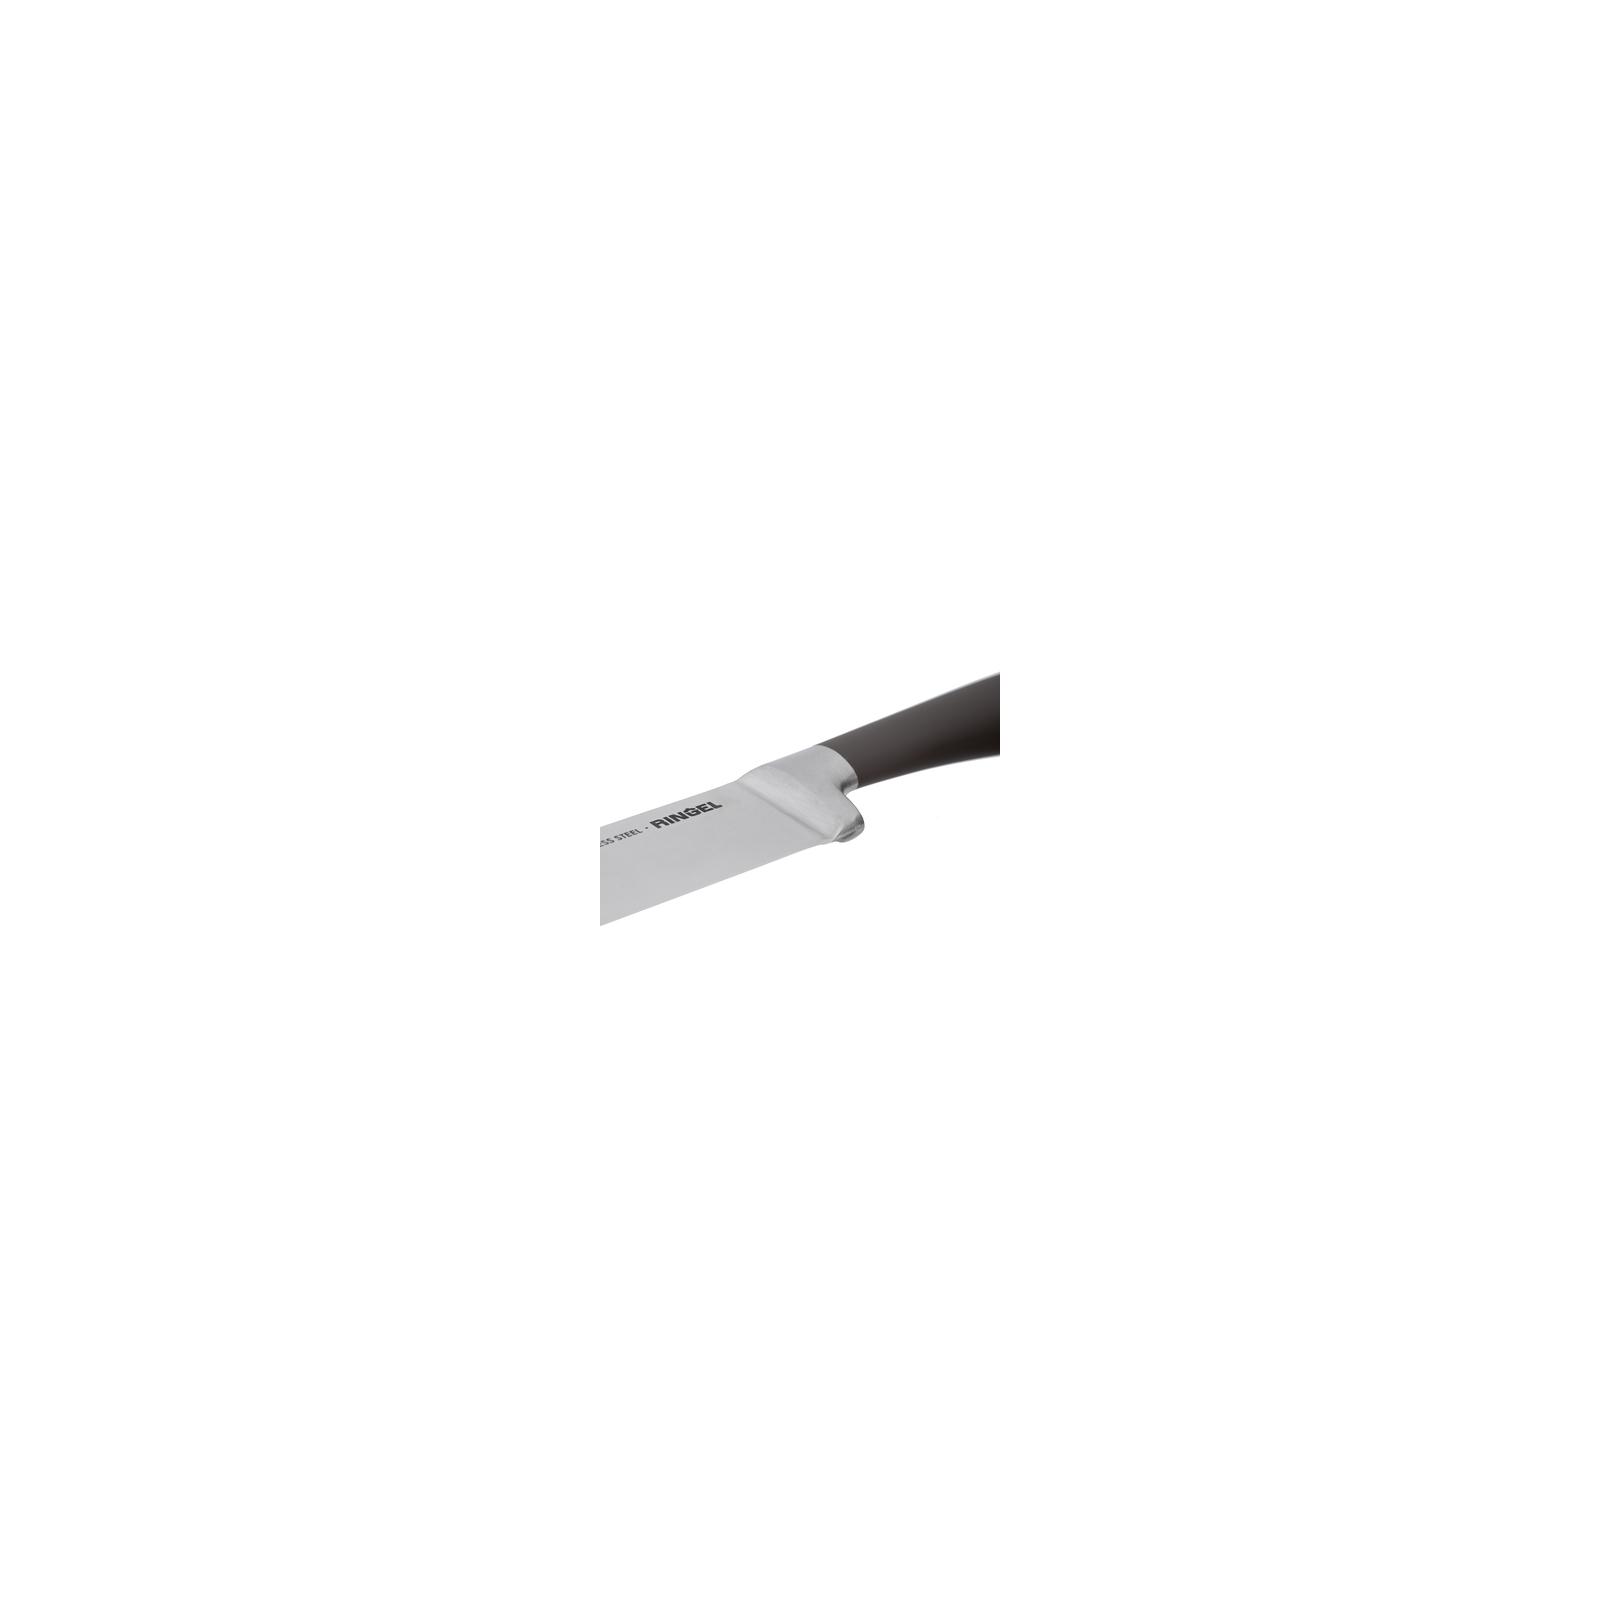 Кухонный нож Ringel Exzellent овощной 9см (RG-11000-1) изображение 4